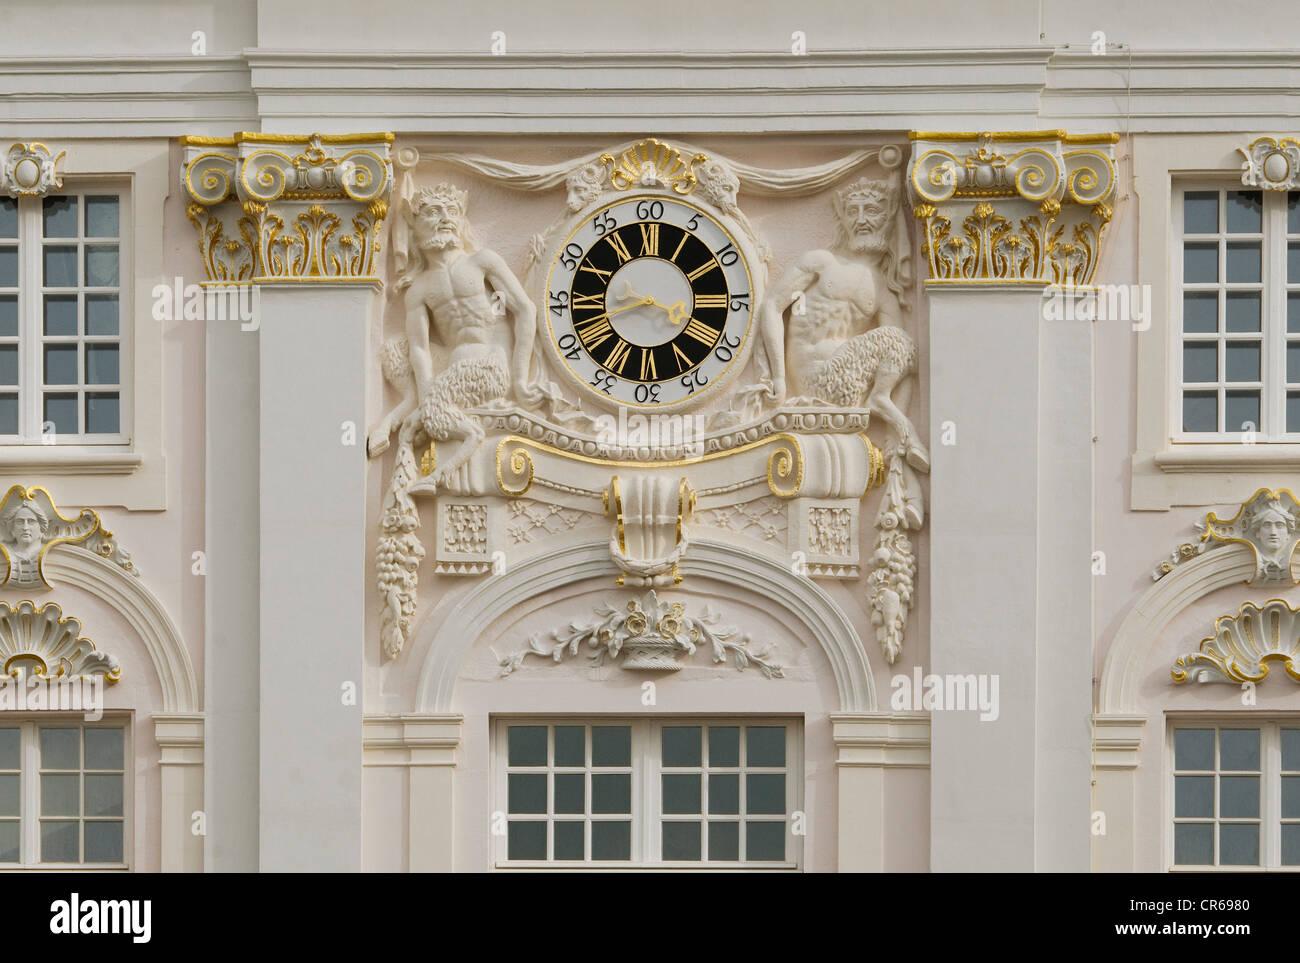 Restaurierte Uhr im historischen Rathaus, Bonn, Nordrhein-Westfalen, Deutschland, Europa Stockbild